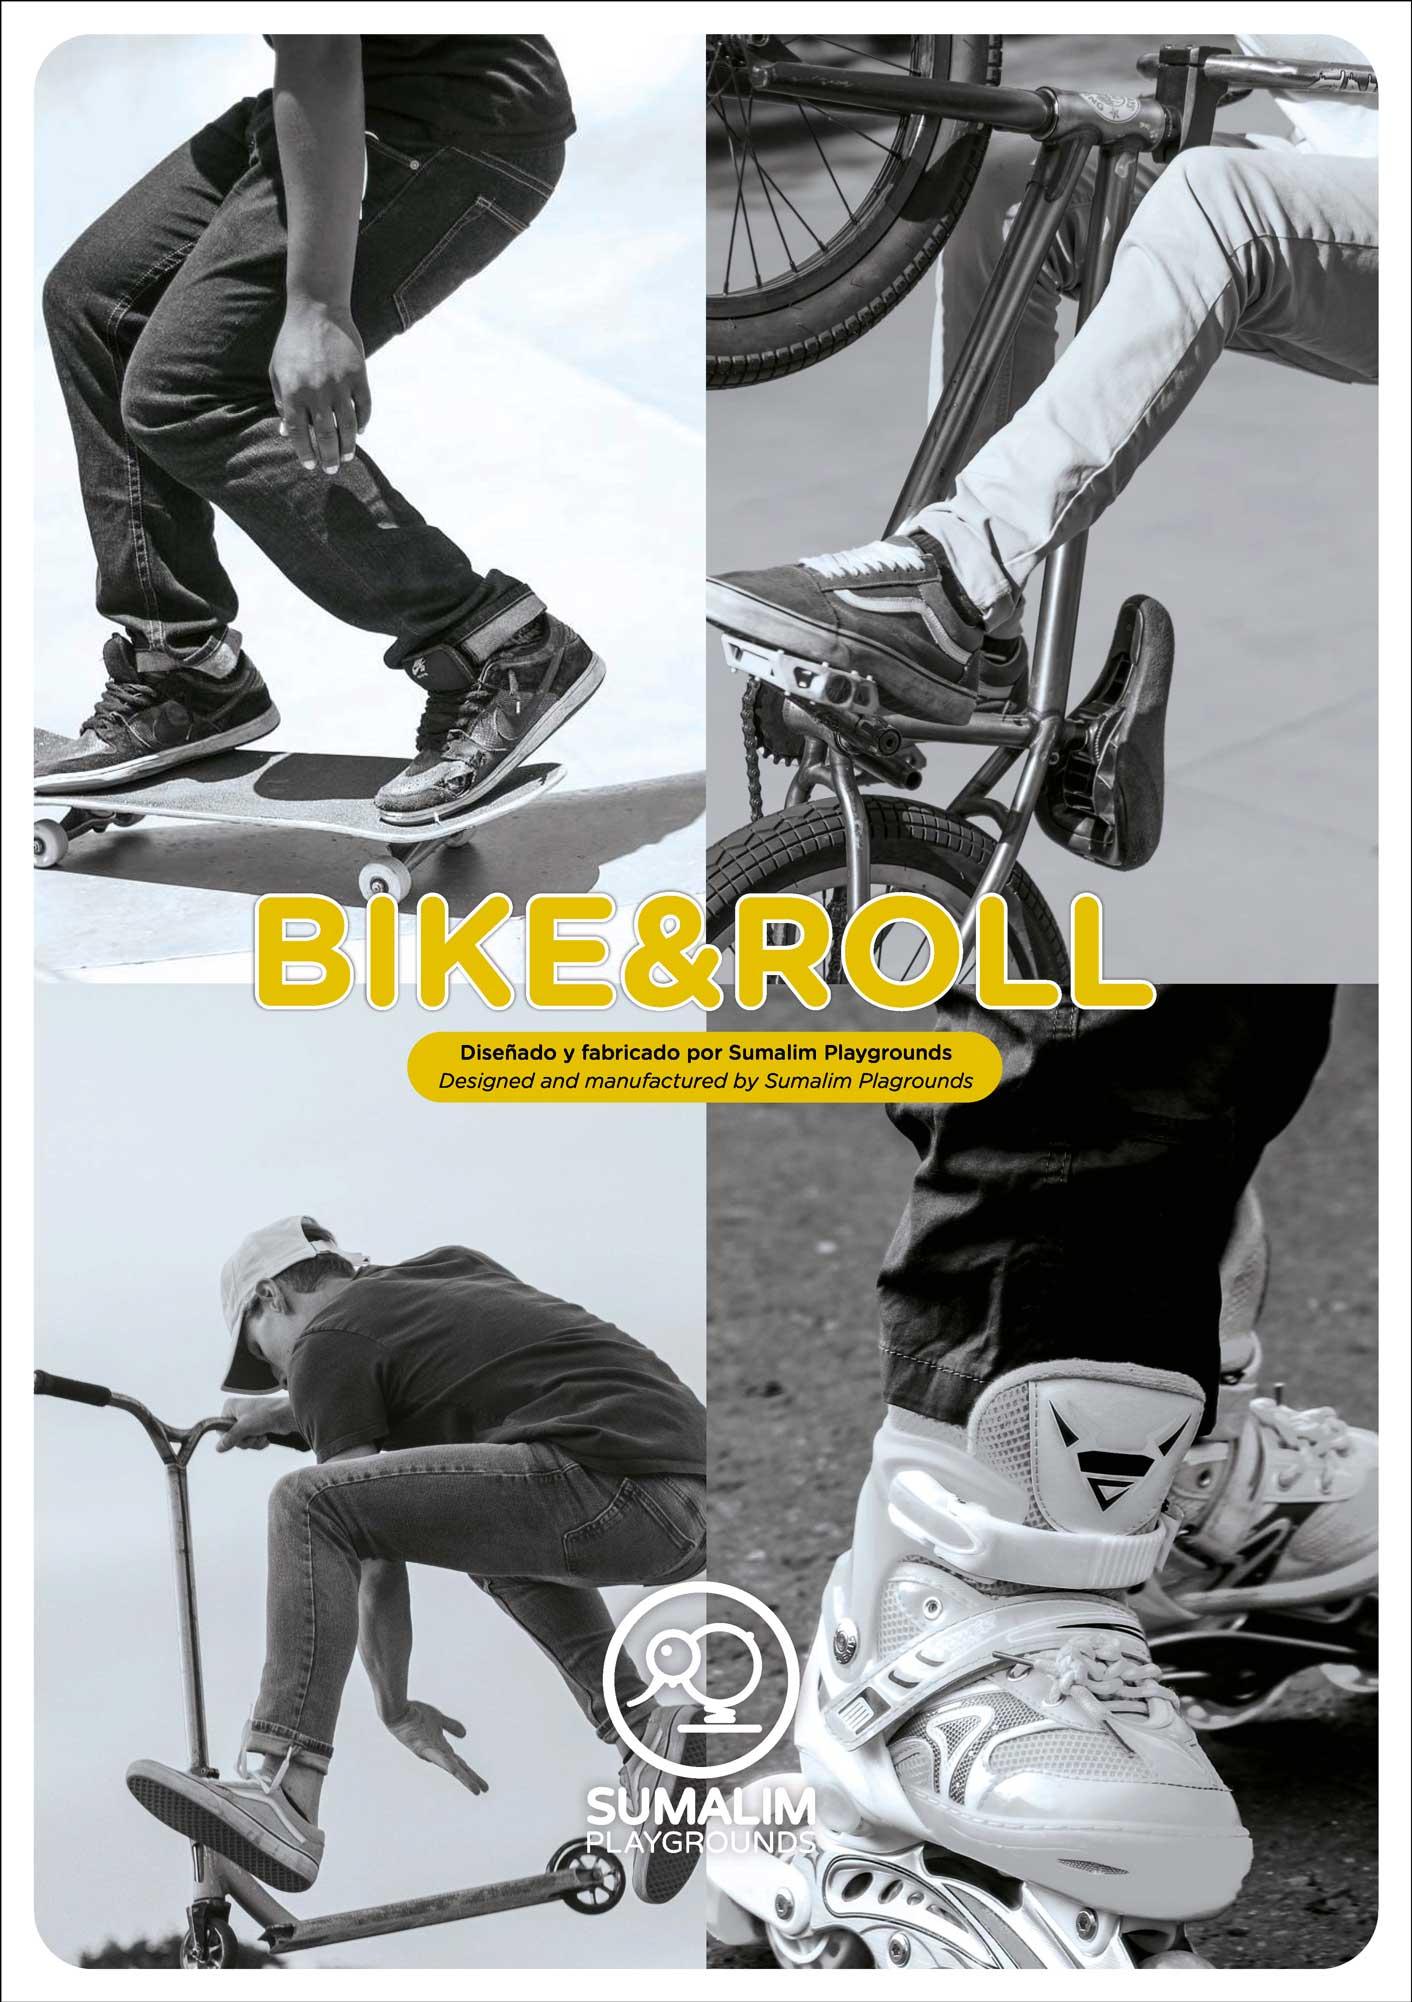 Bike&Roll